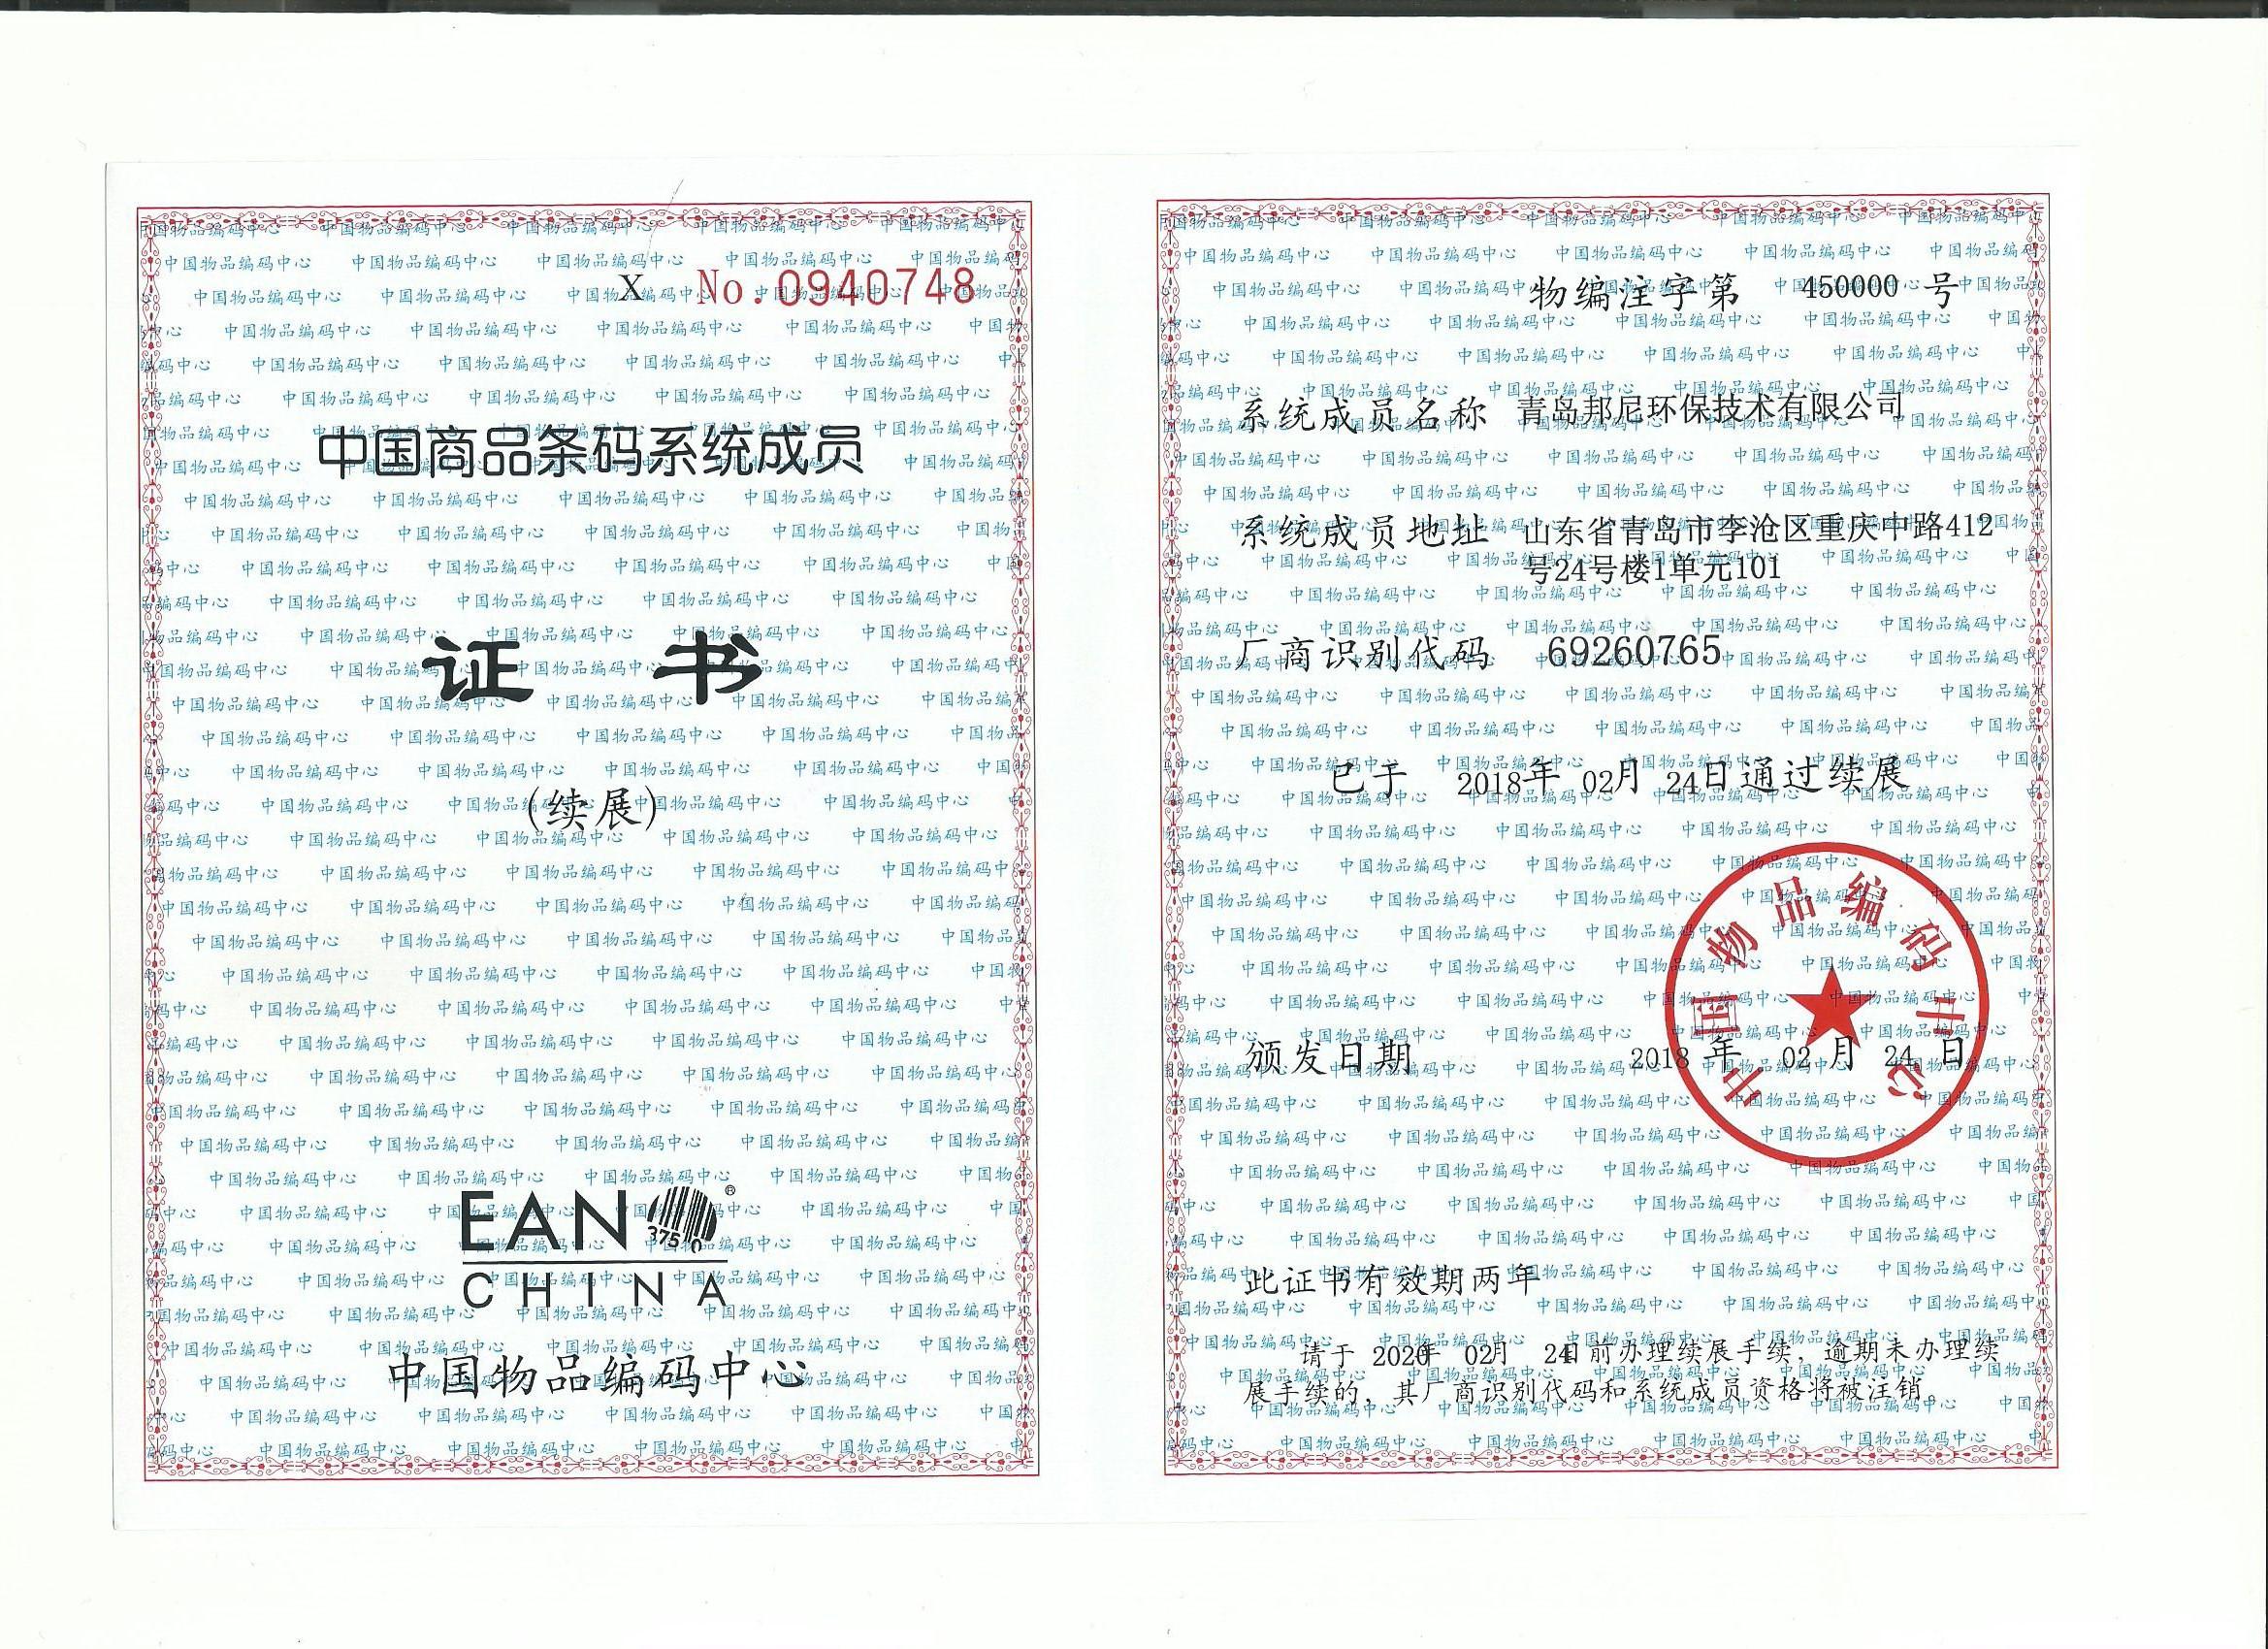 中国商品条码证书